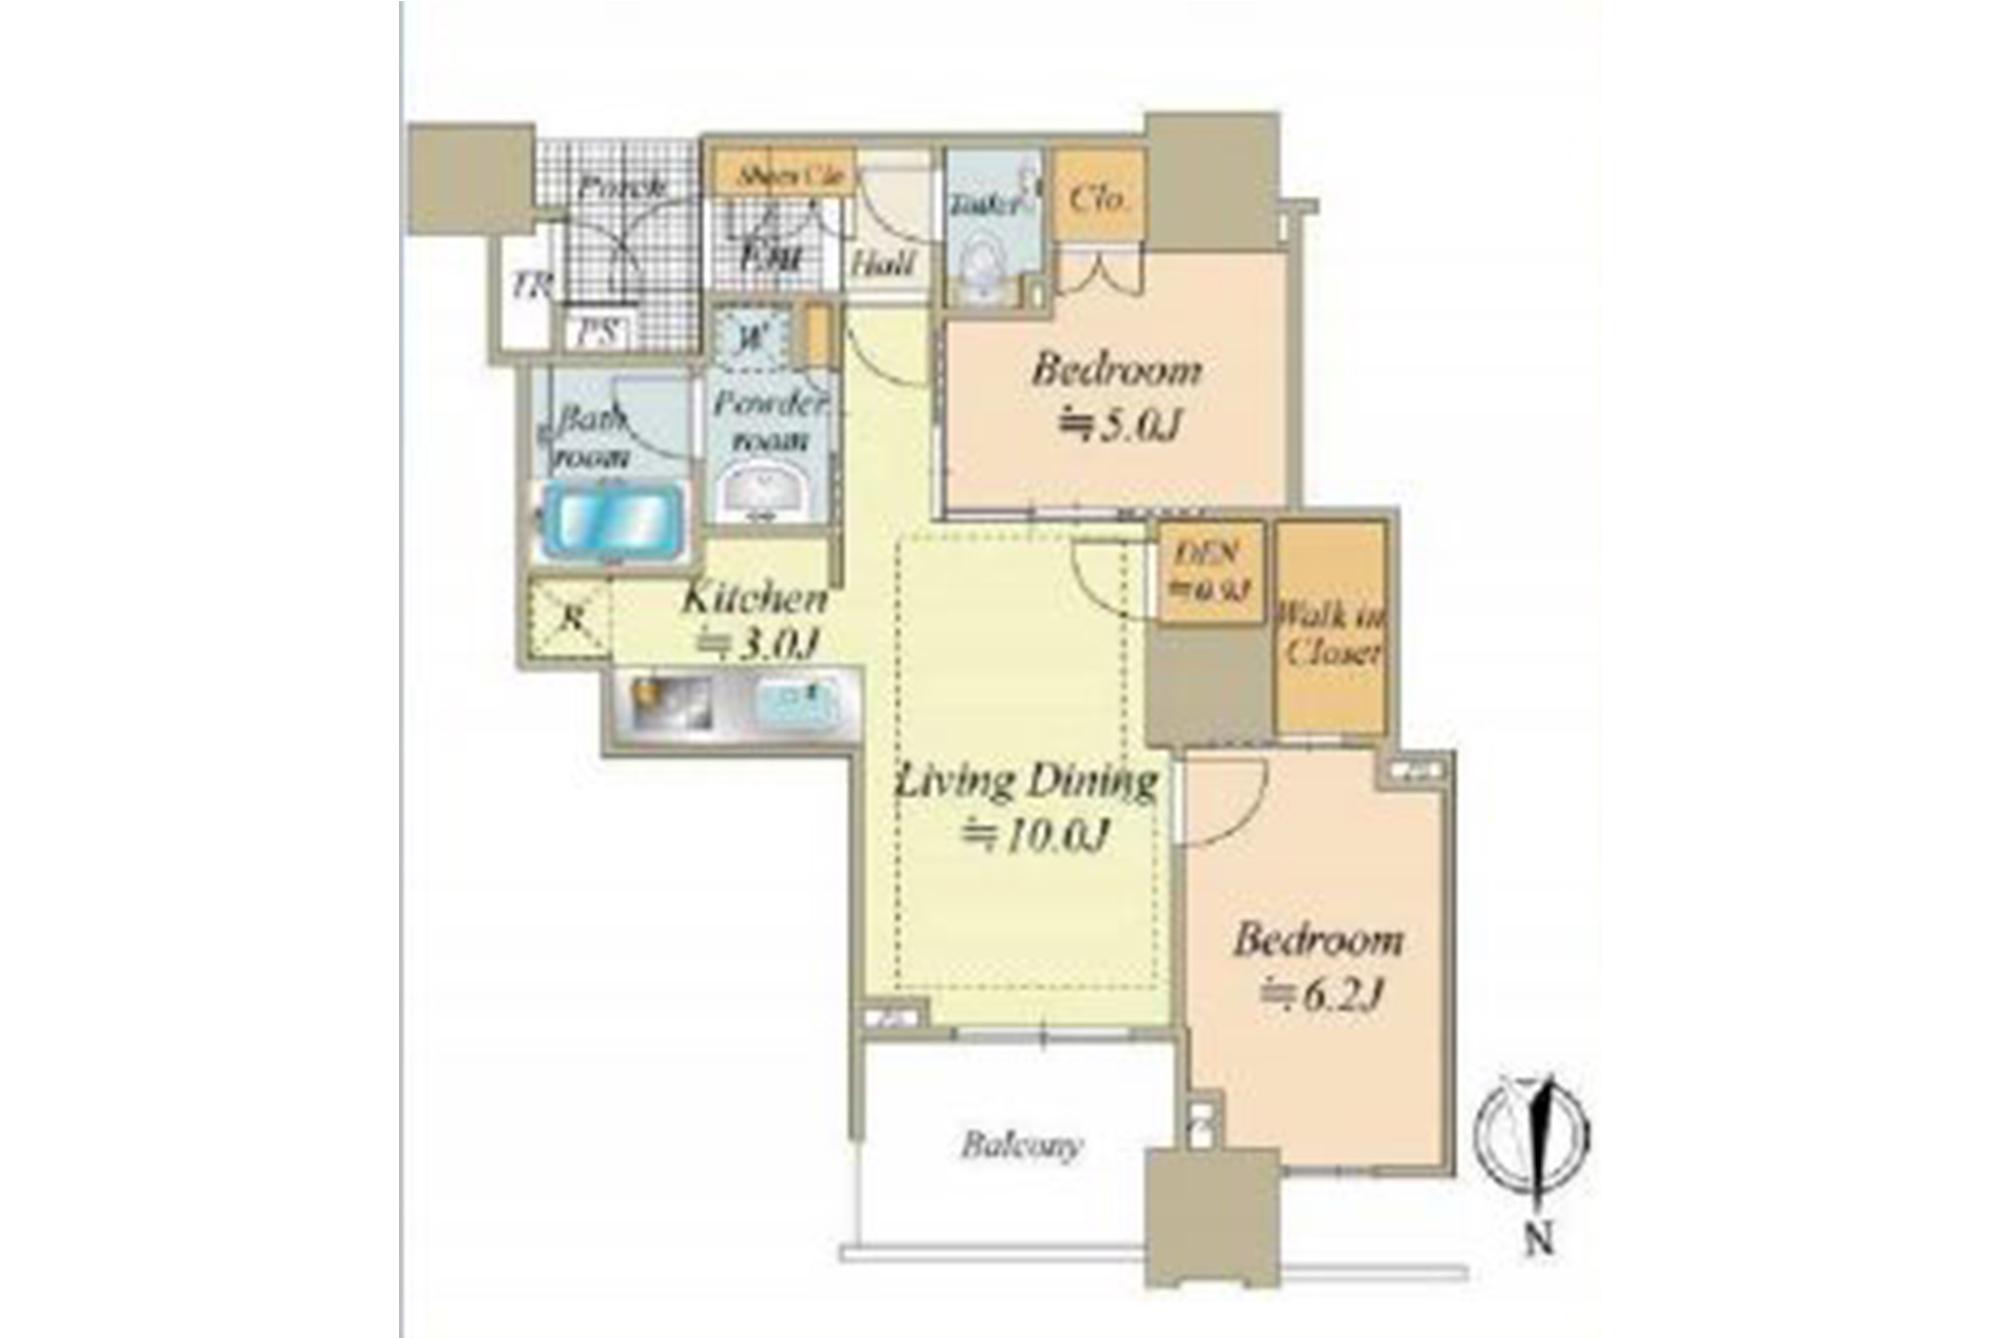 ドゥ・トゥール3階の写真1